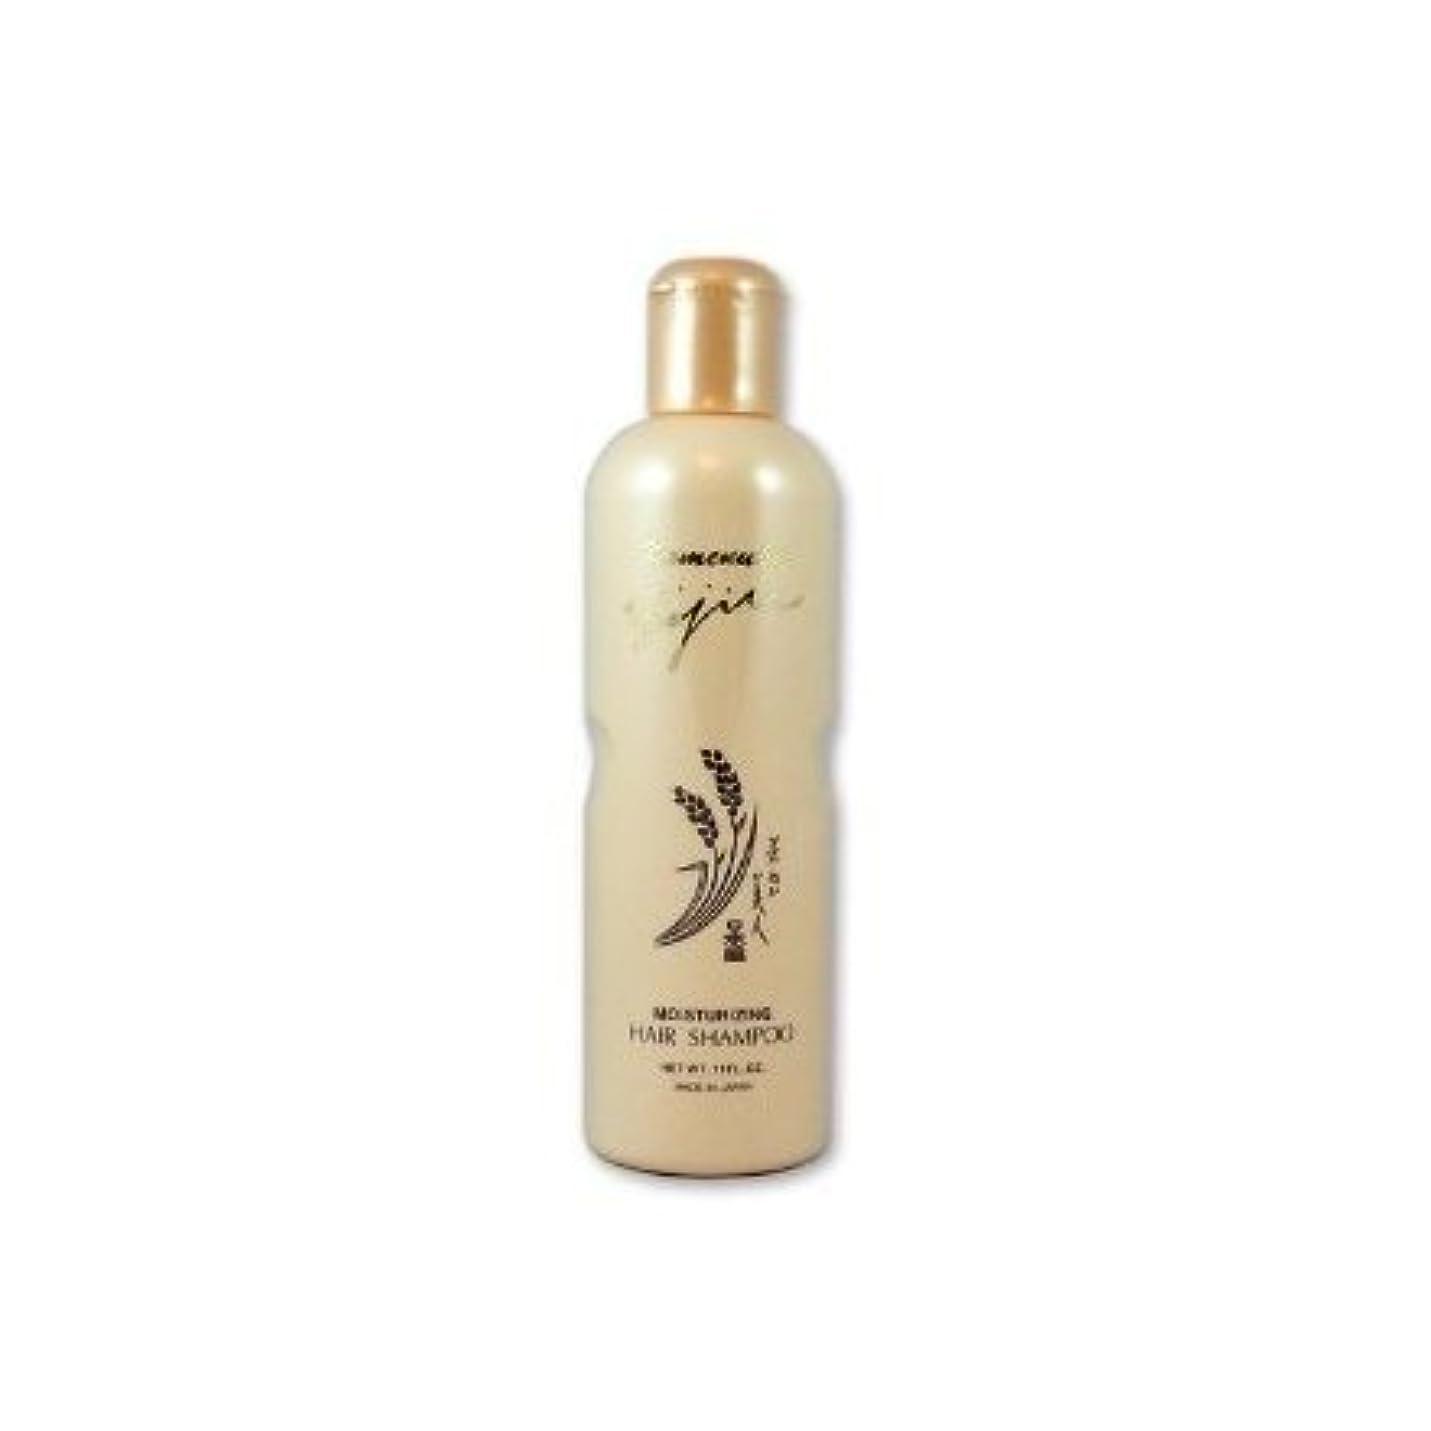 談話インテリア本部Komenuka Bijin Moisturizing Hair Shampoo With Natural Rice Bran - 11 Fl Oz by KOMENUKA BIJIN / NS-K